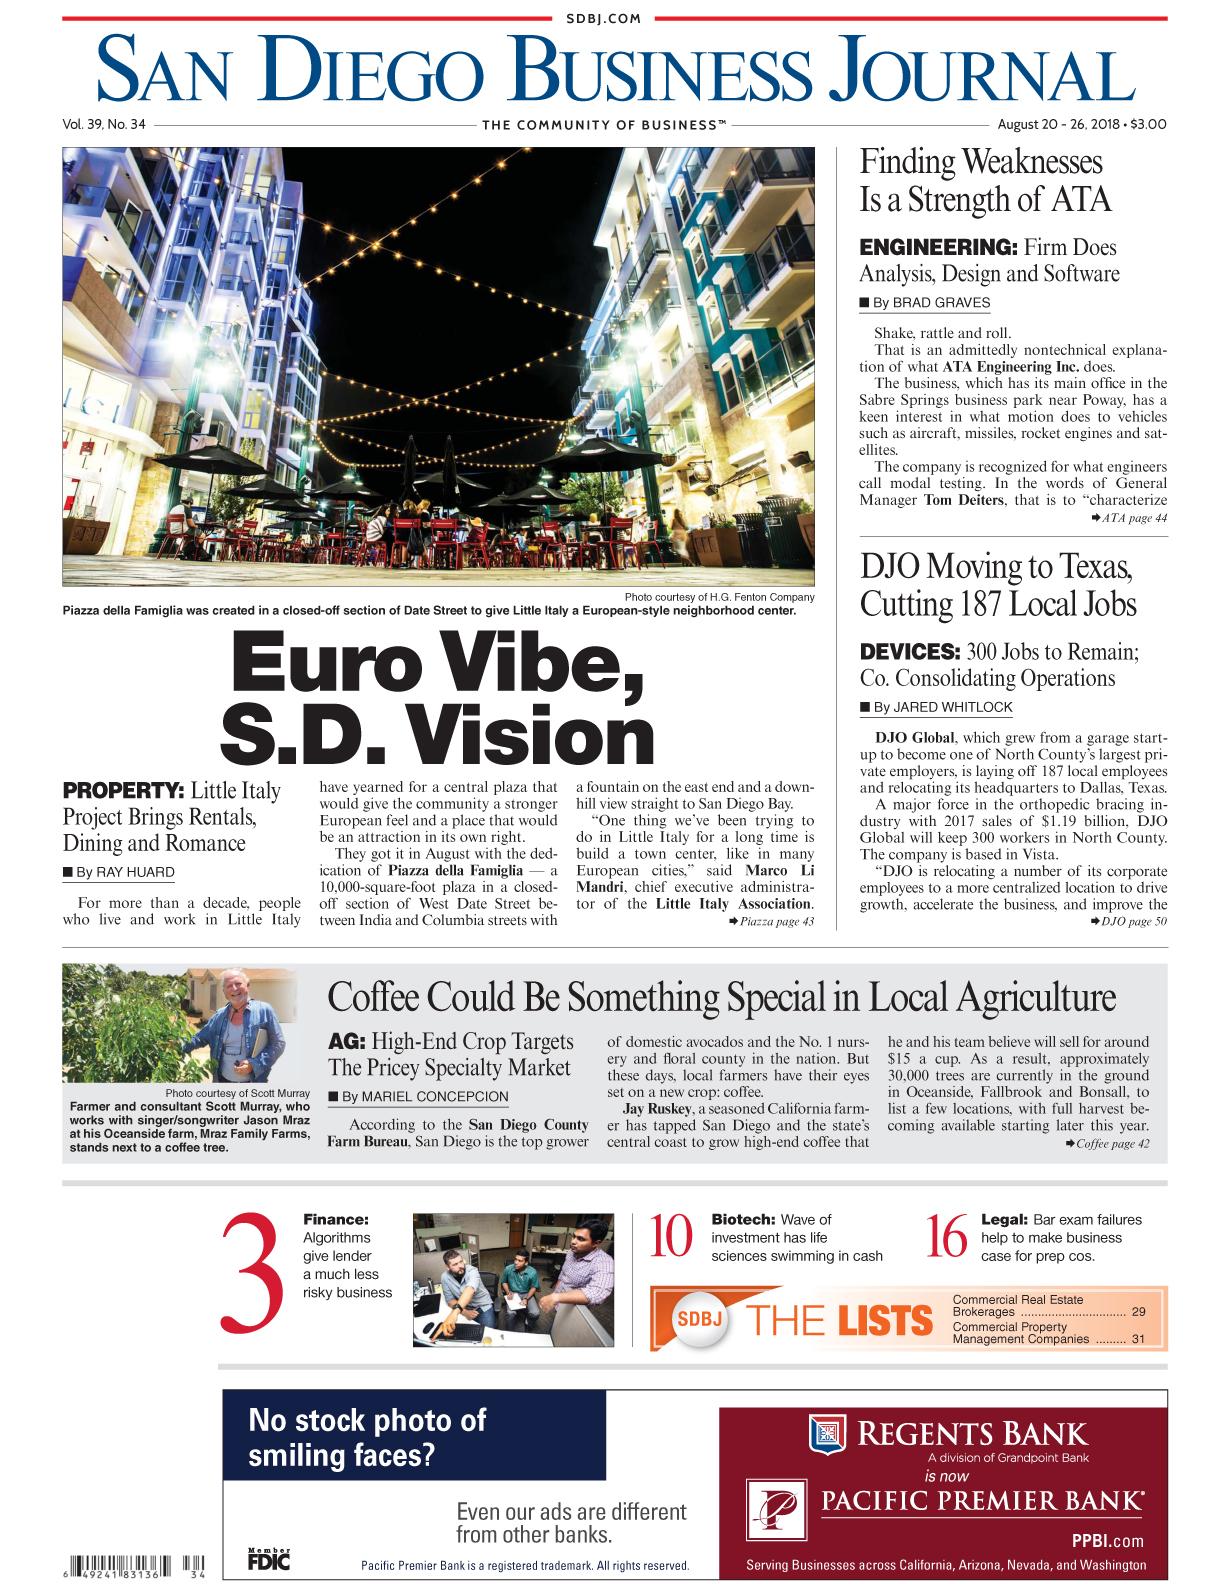 Handsome Salt - San Diego Business Journal - 082018.jpg